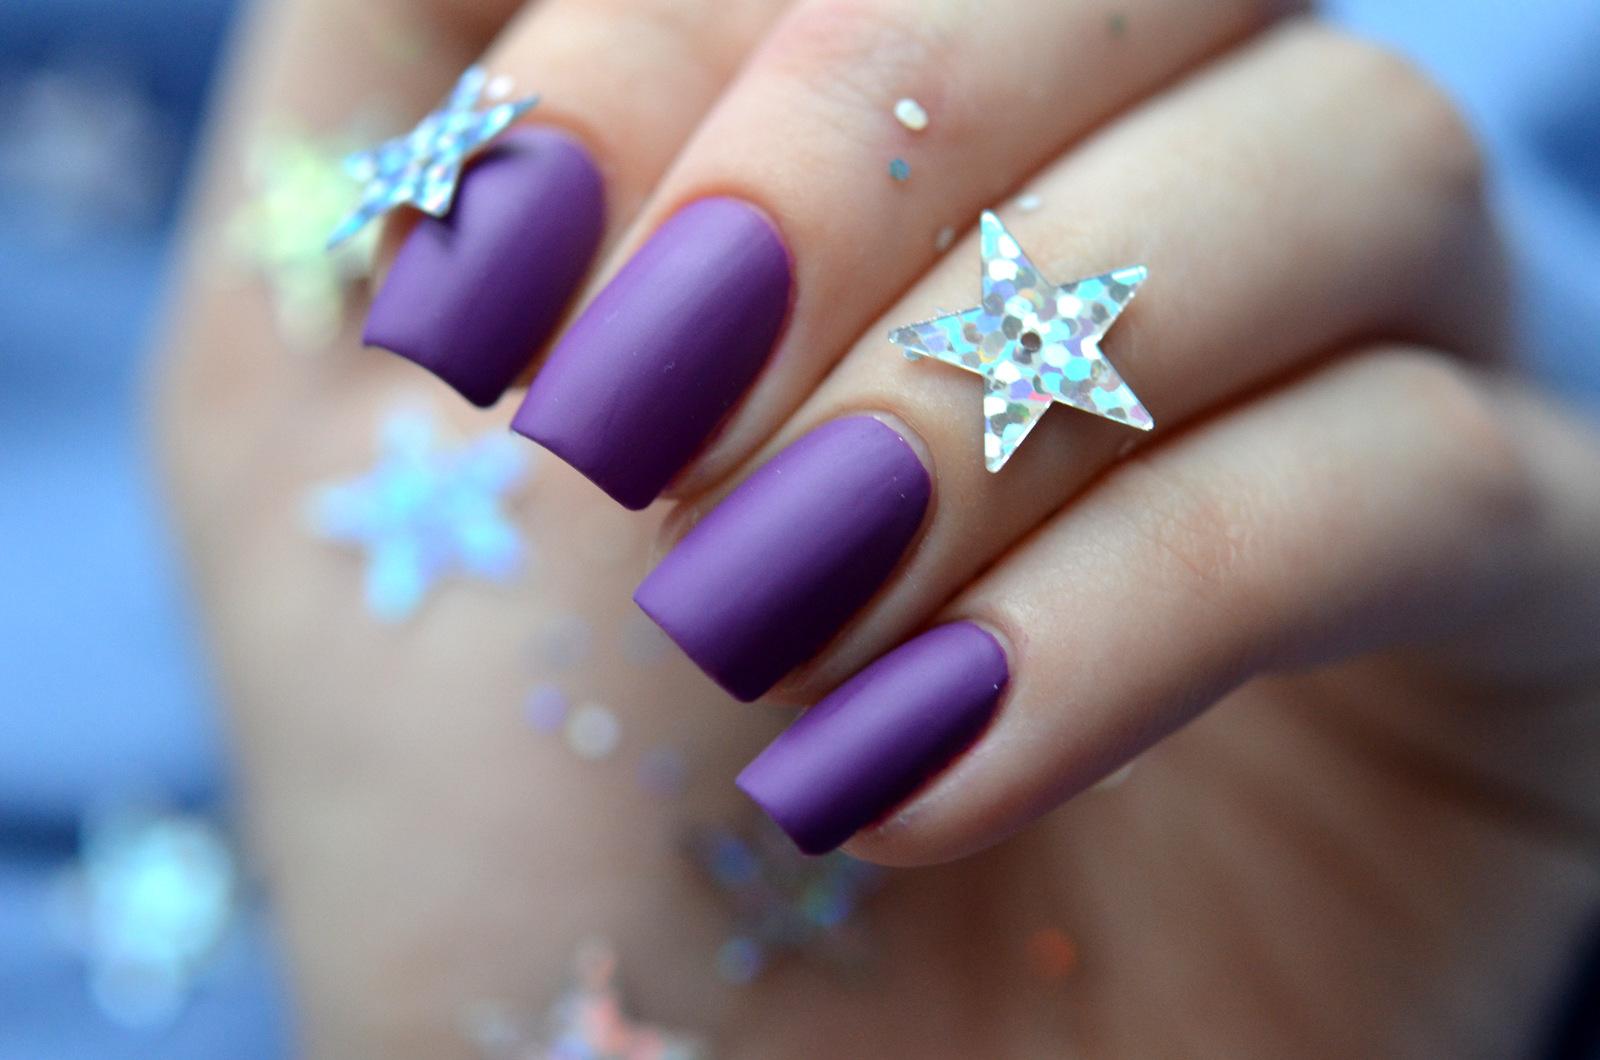 Правила нанесения матового лака для ногтей